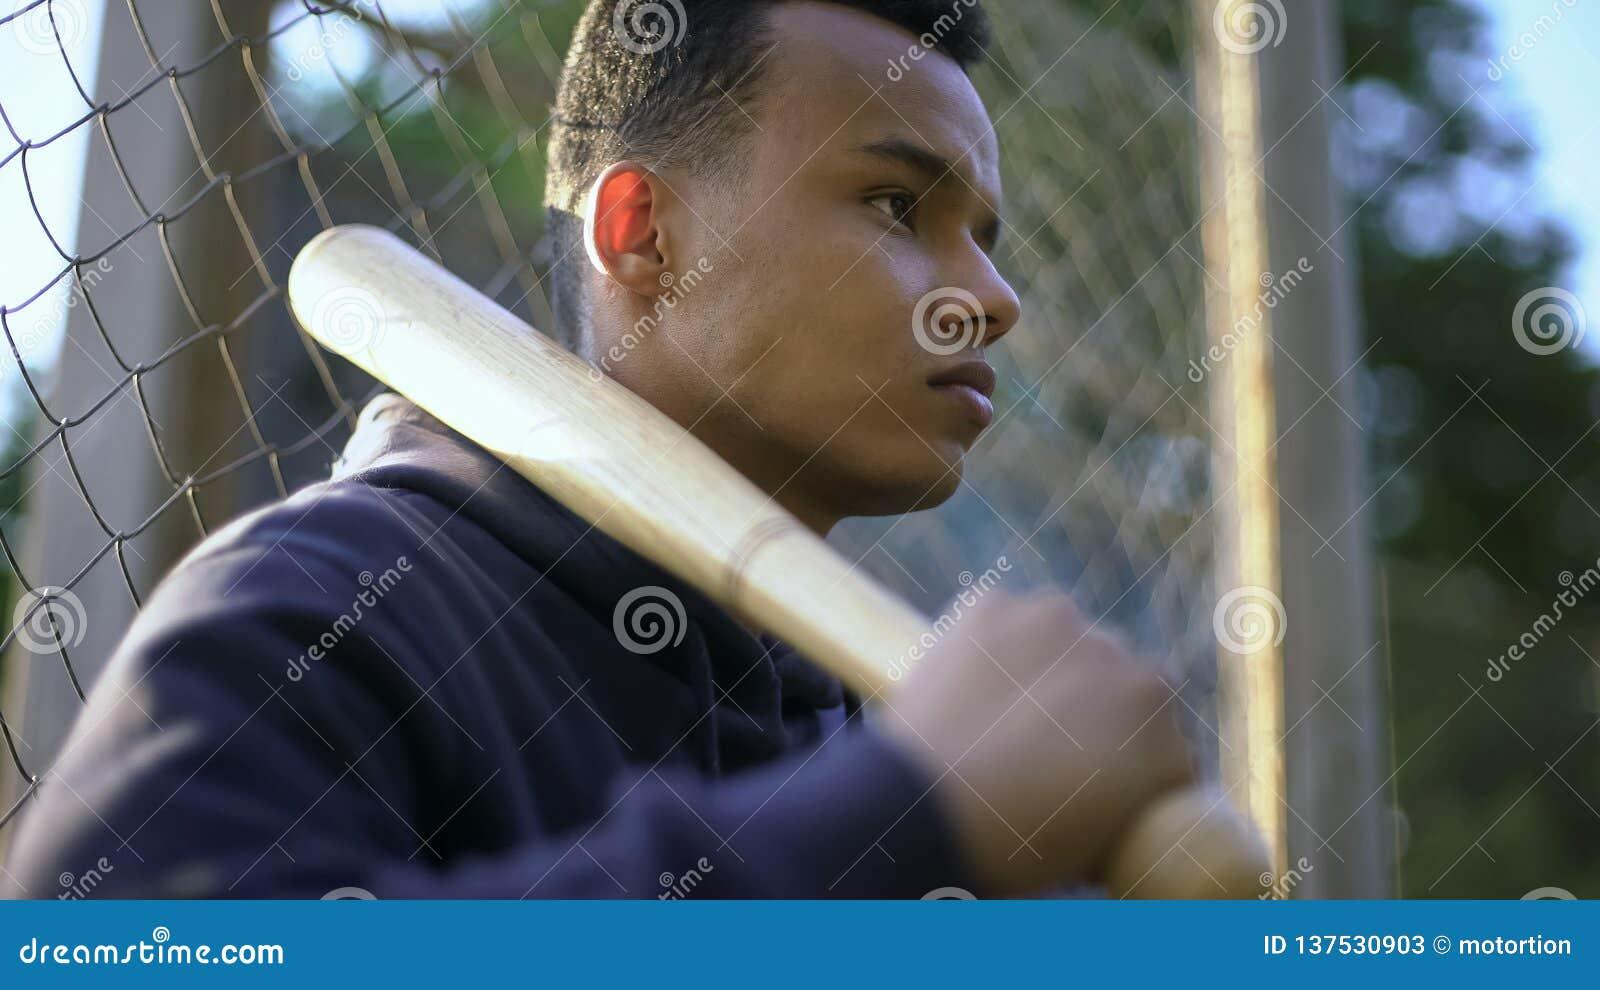 Nastoletniego chłopaka mienia kij bejsbolowy, gang młodocianych przestępców w getcie, nieletnia przestępczość